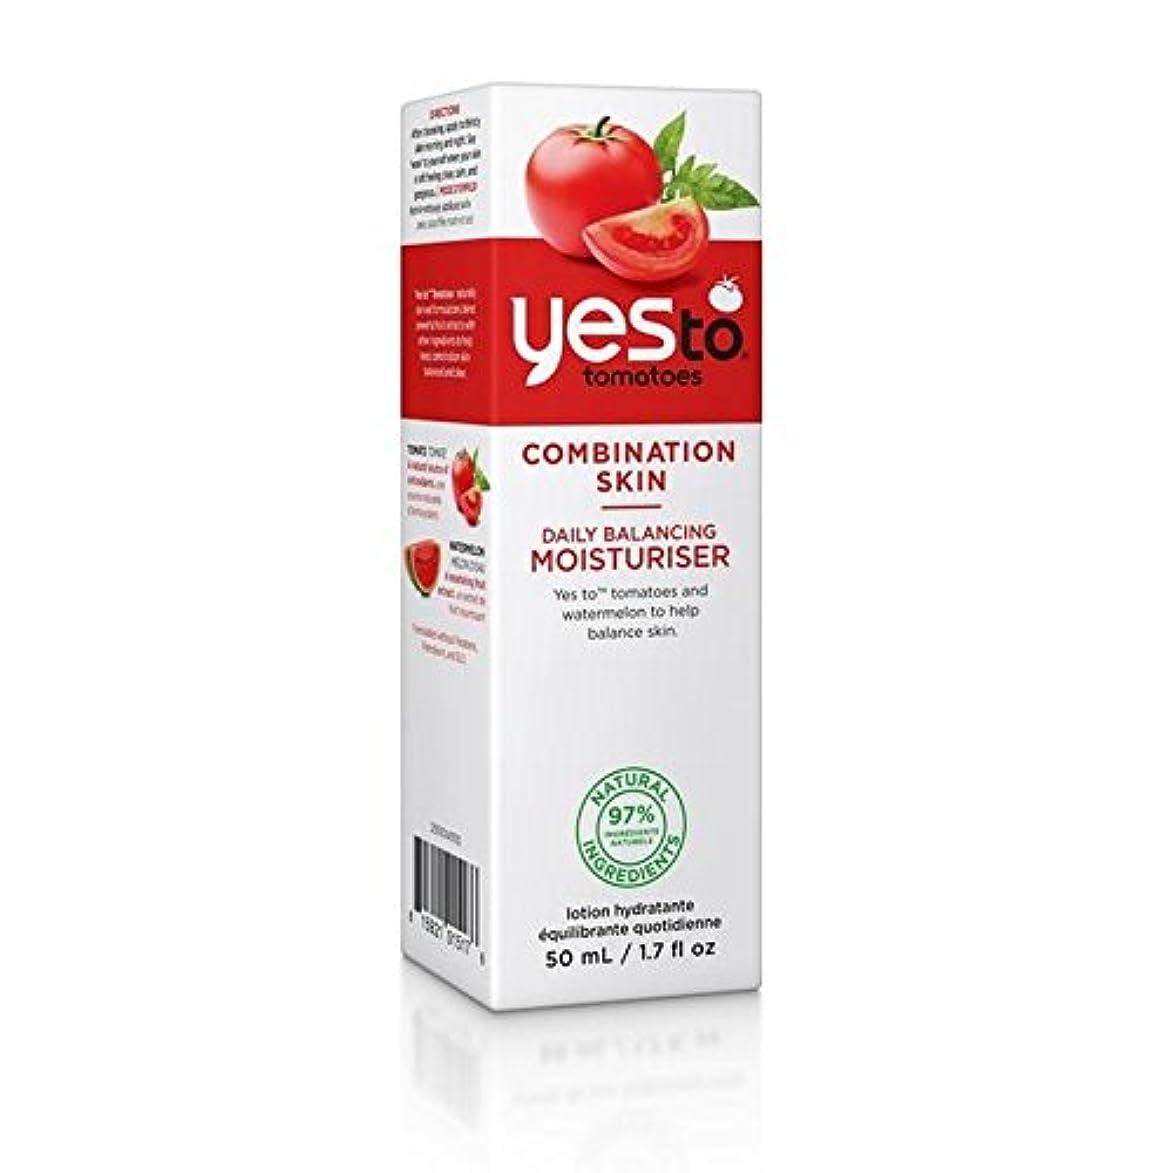 適用する整理するボイラーはいトマトに保湿50ミリリットル x2 - Yes to Tomatoes Moisturiser 50ml (Pack of 2) [並行輸入品]